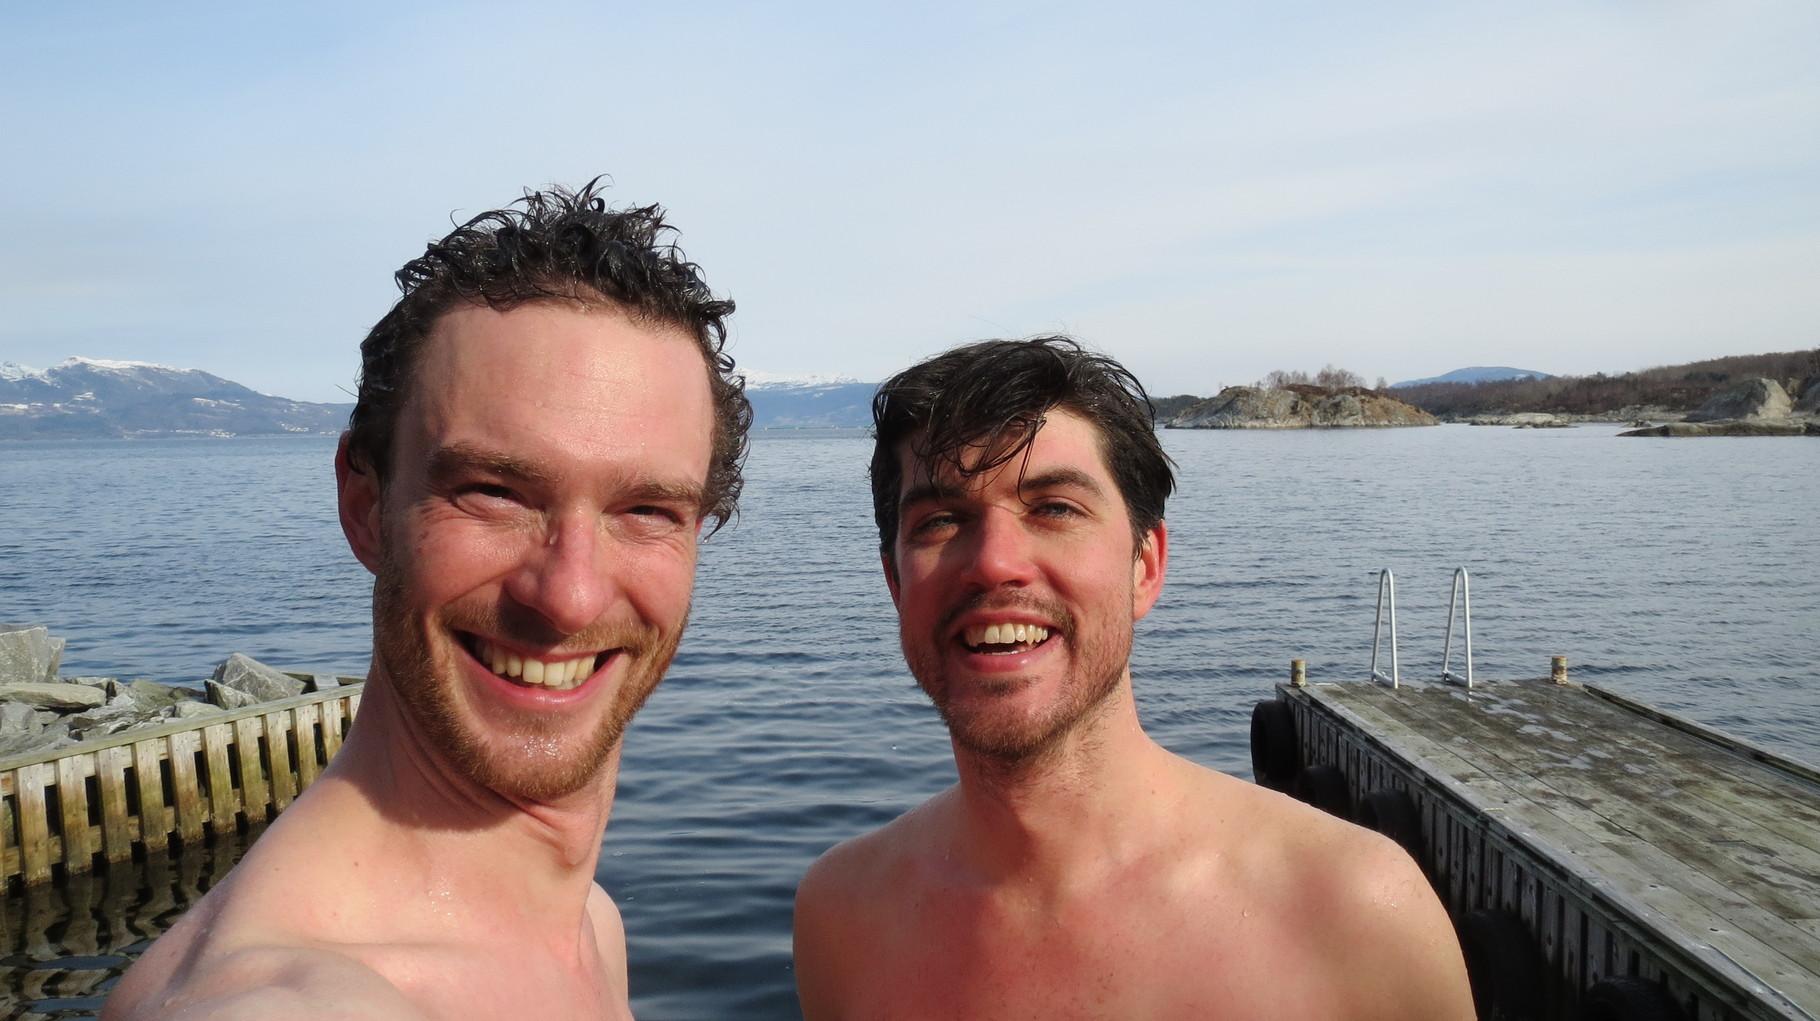 ... da war der Sprung ins Eiswasser fällig - auch wenn es erst Anfang März ist!